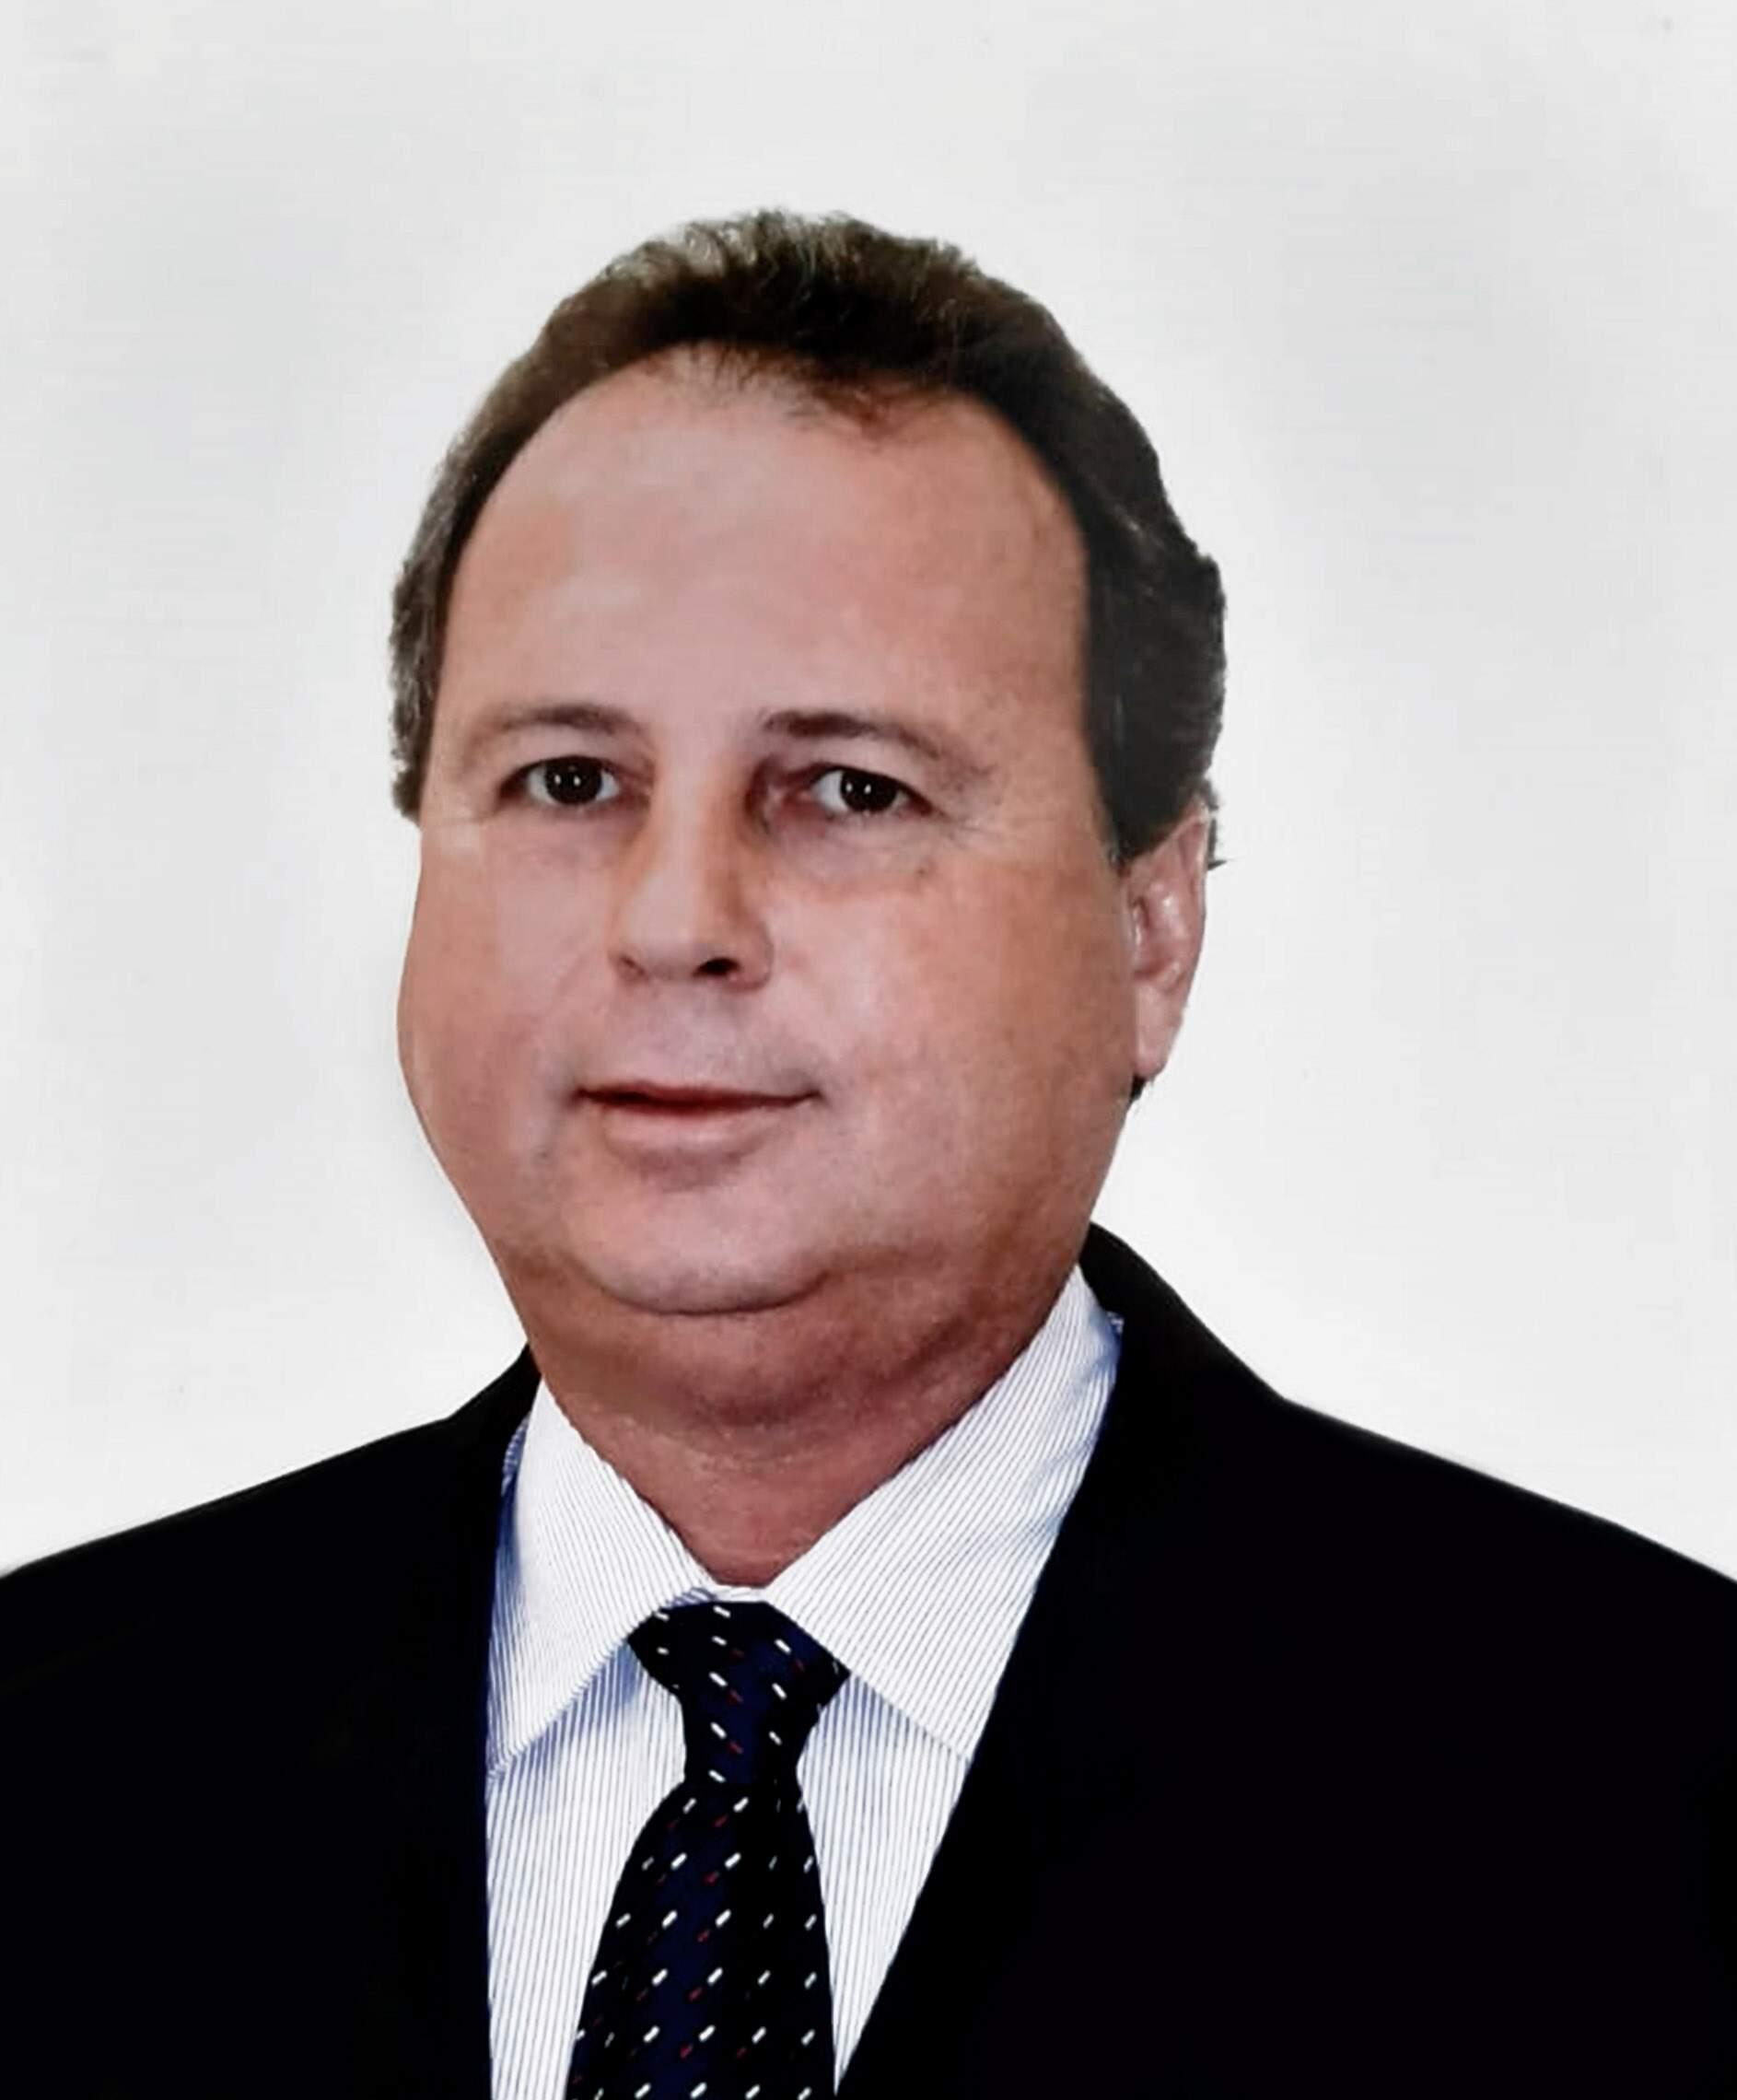 Vanderlei Frederico Chiareli